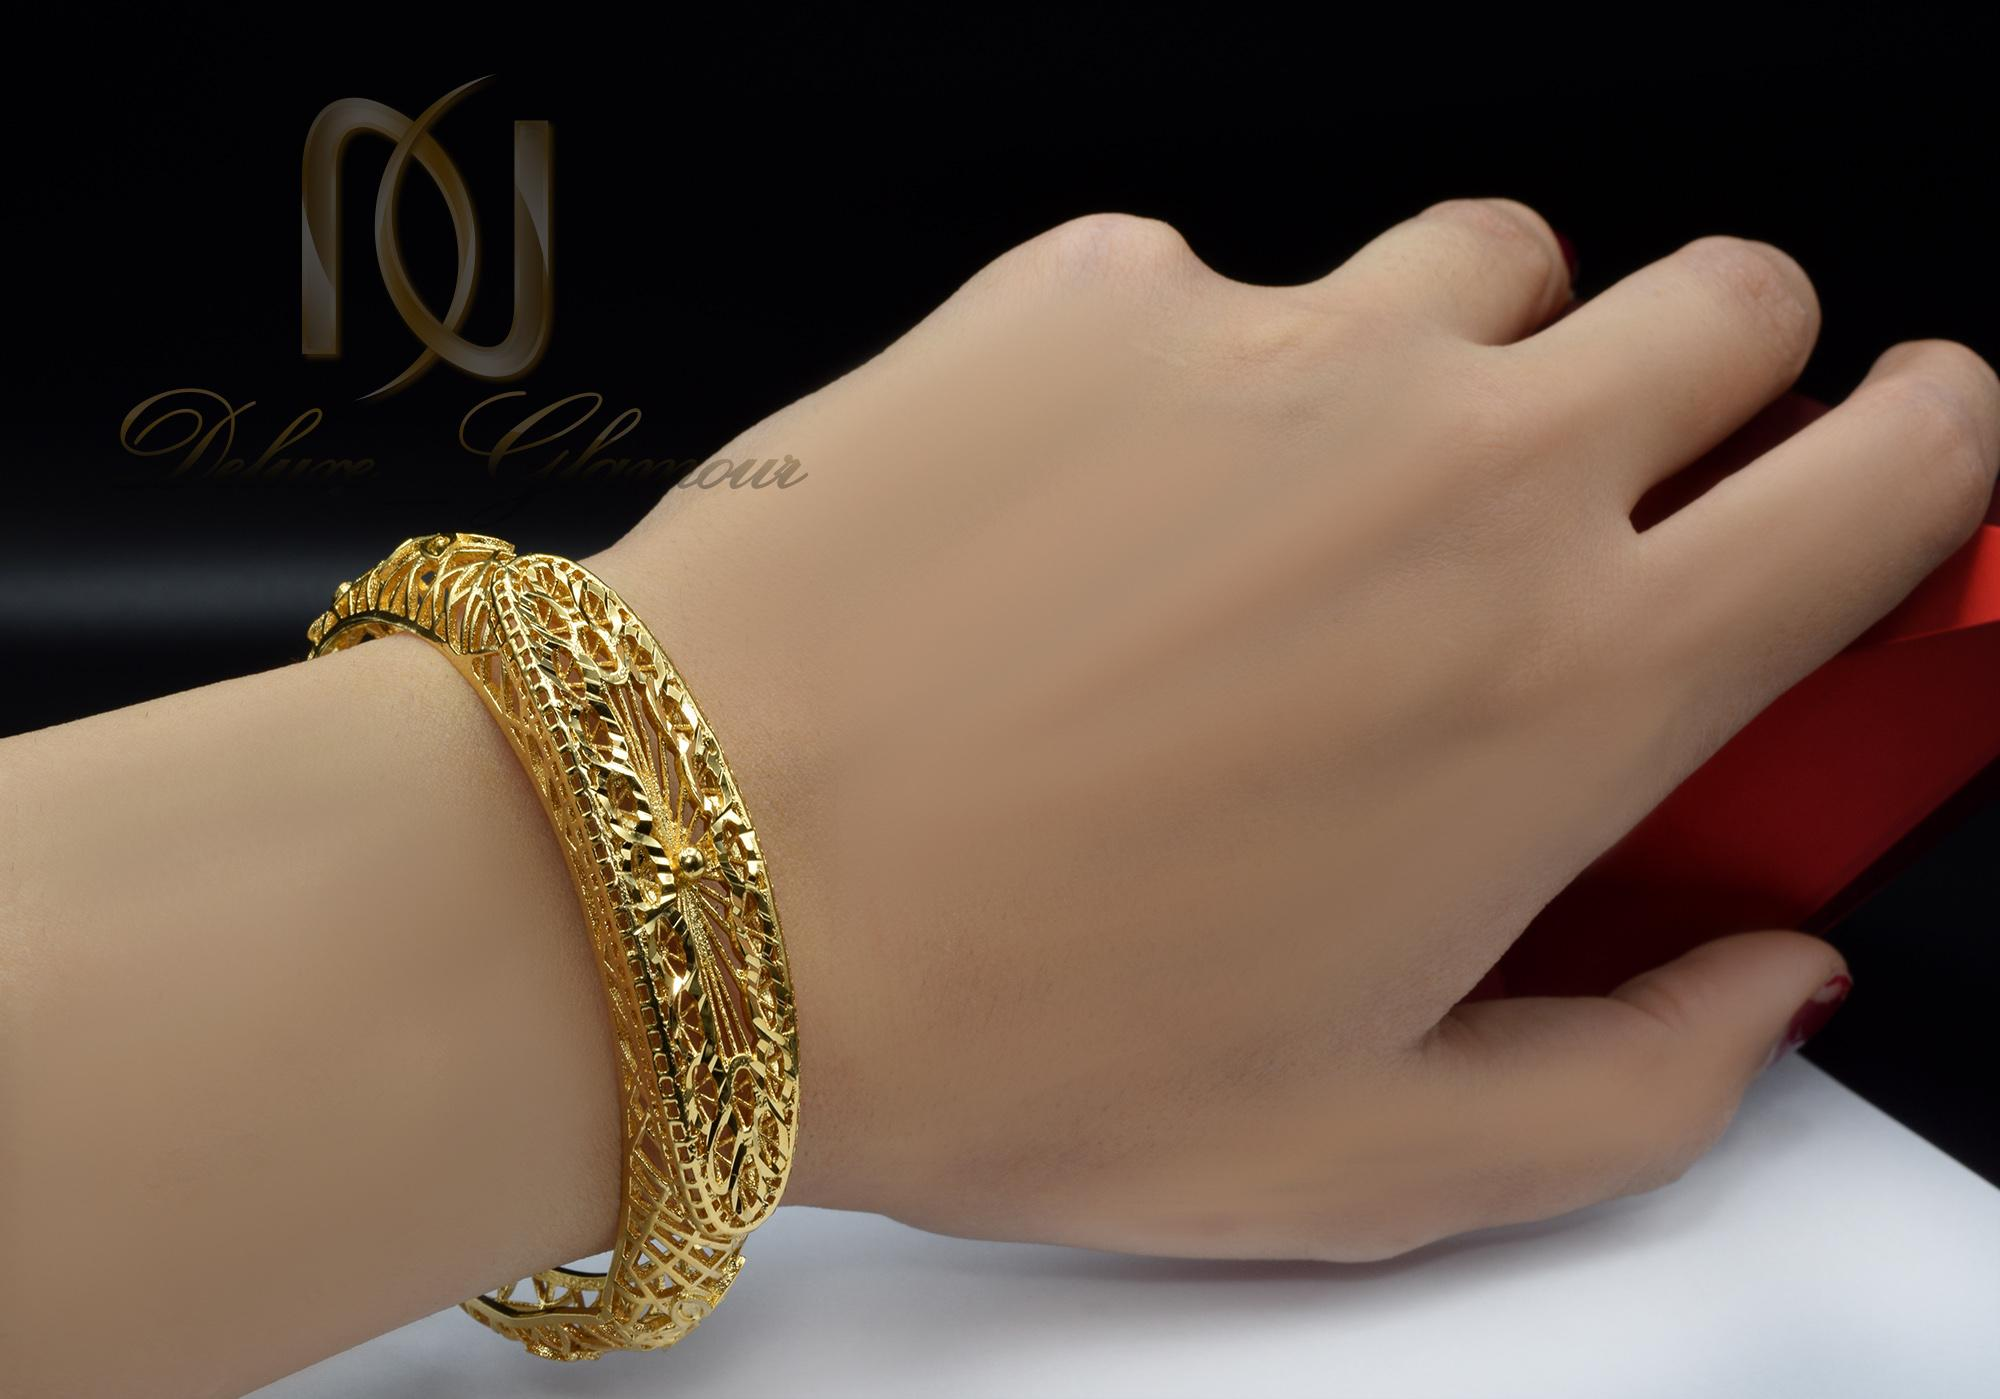 دستبند زنانه برنجی طرح طلا ds-n370 از نمای روی دست